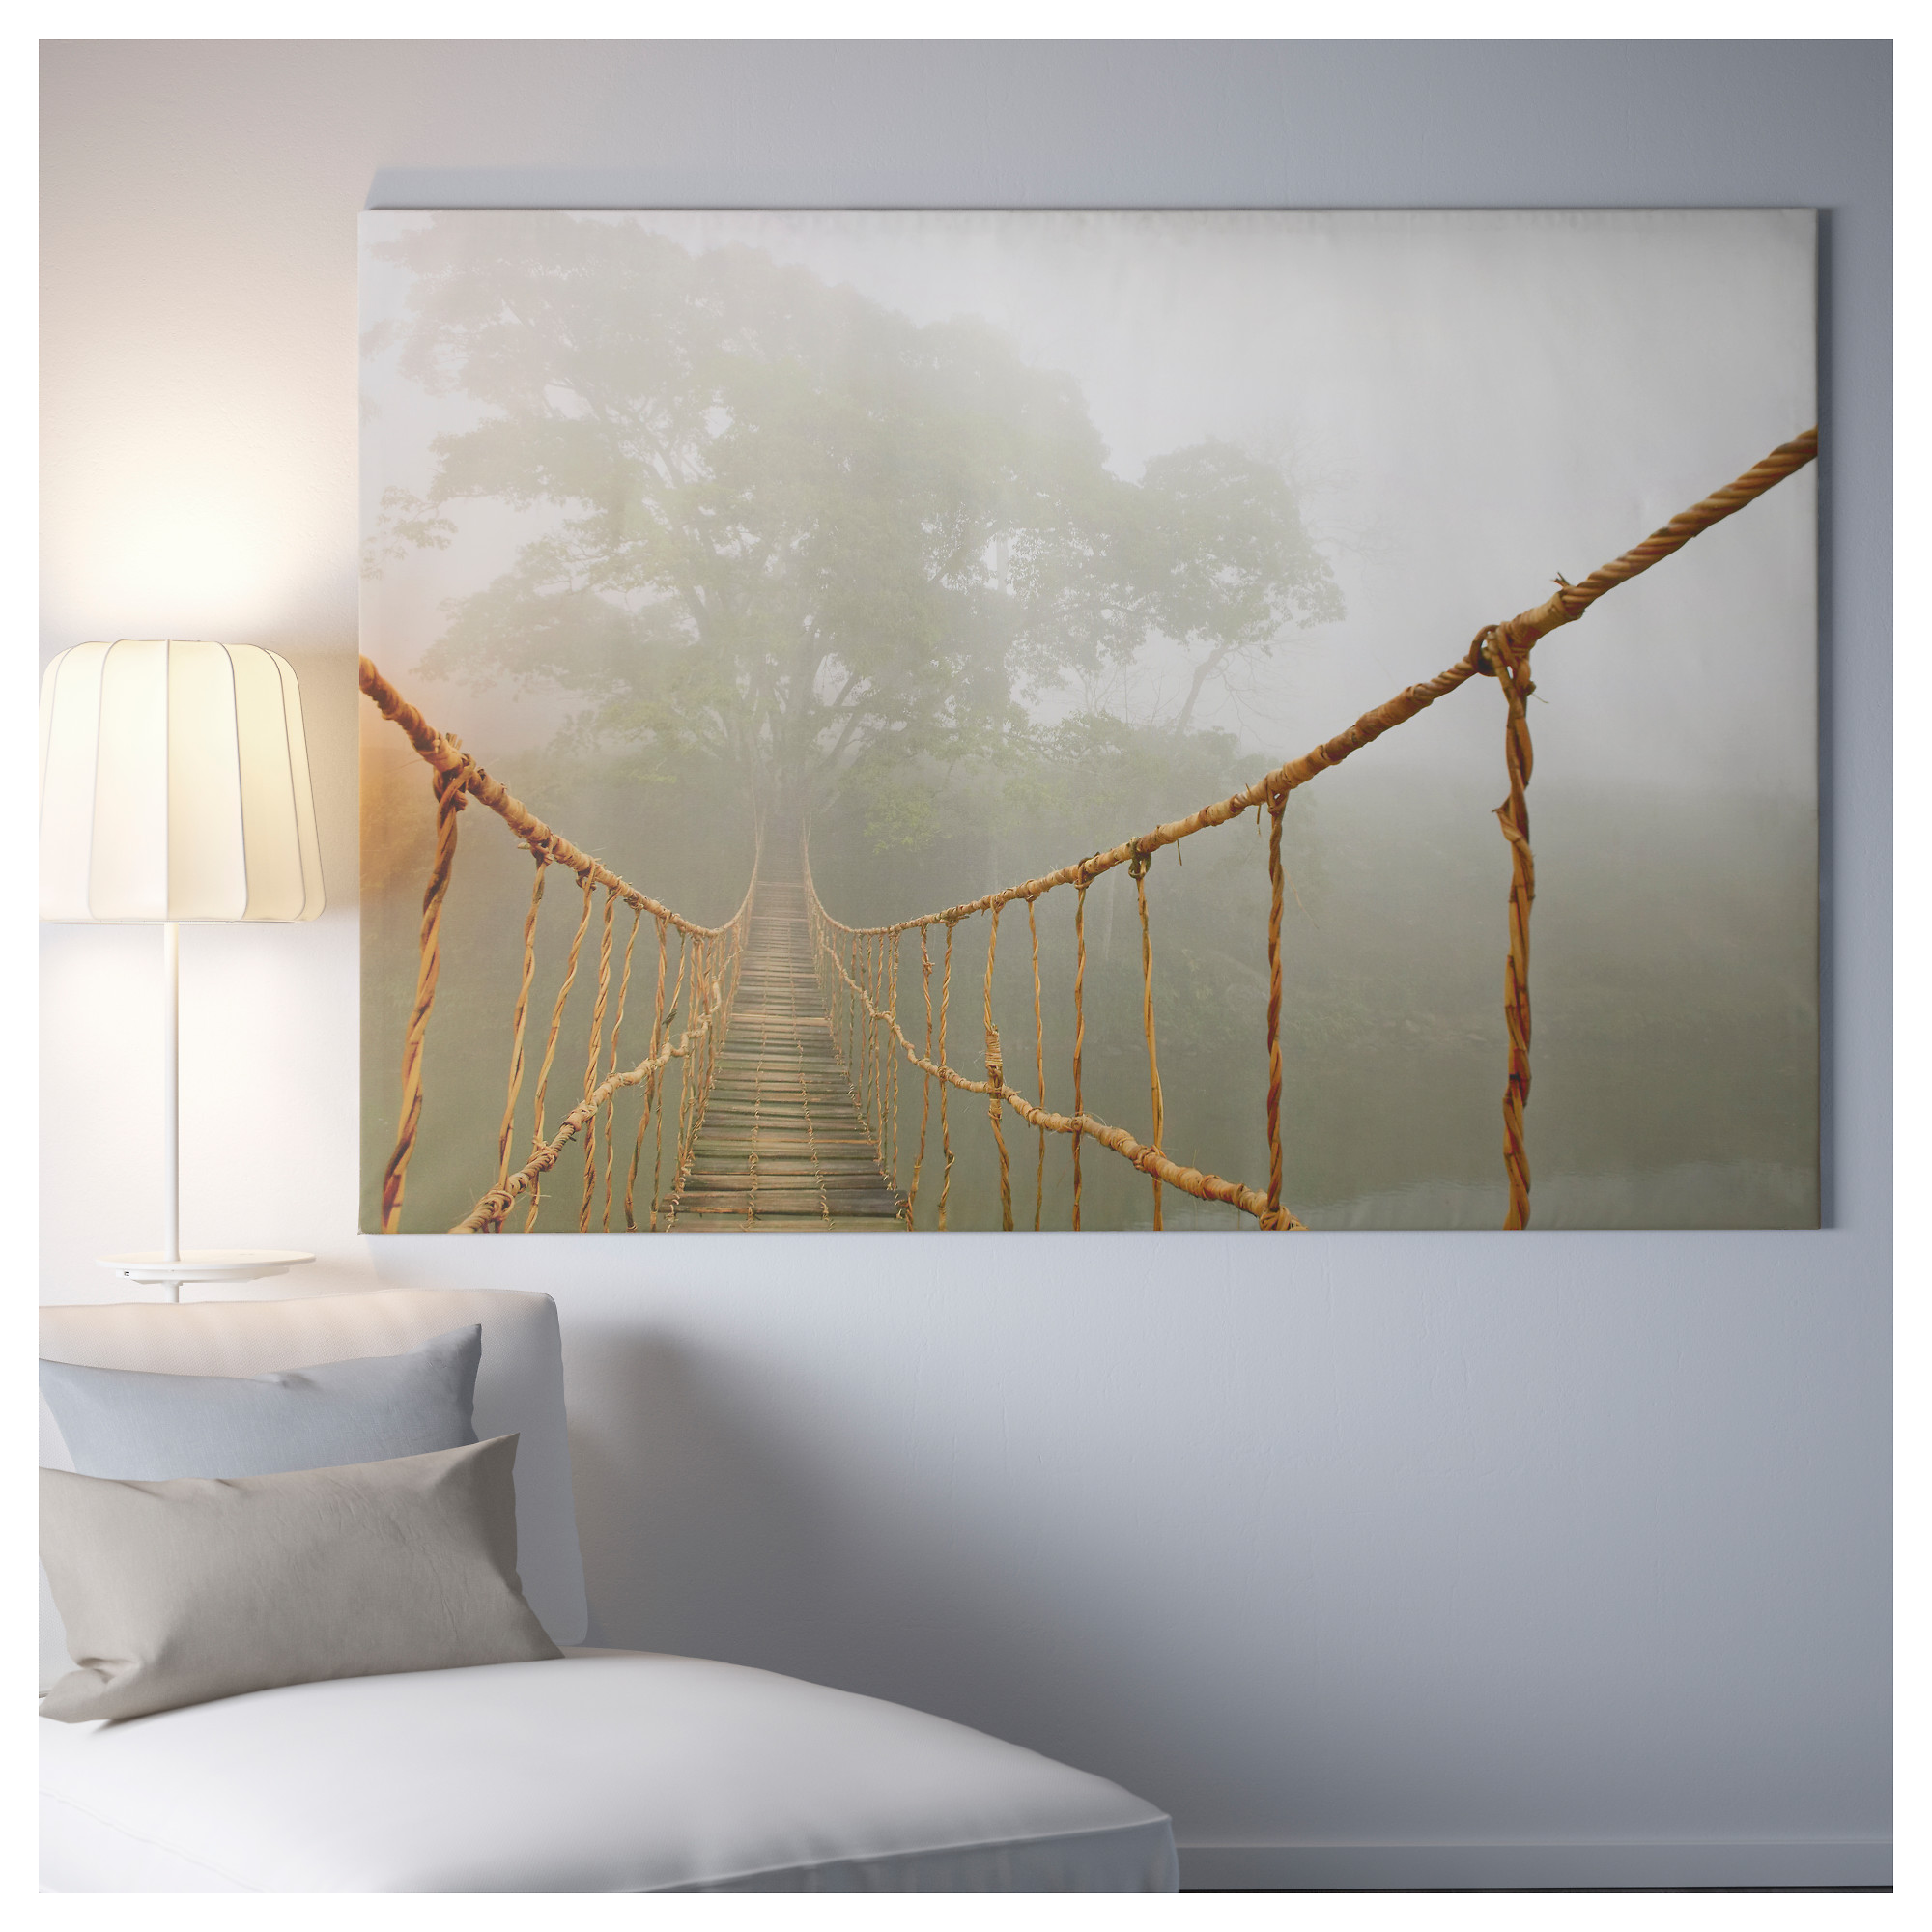 leinwandbilder ikea interior design und m bel ideen. Black Bedroom Furniture Sets. Home Design Ideas